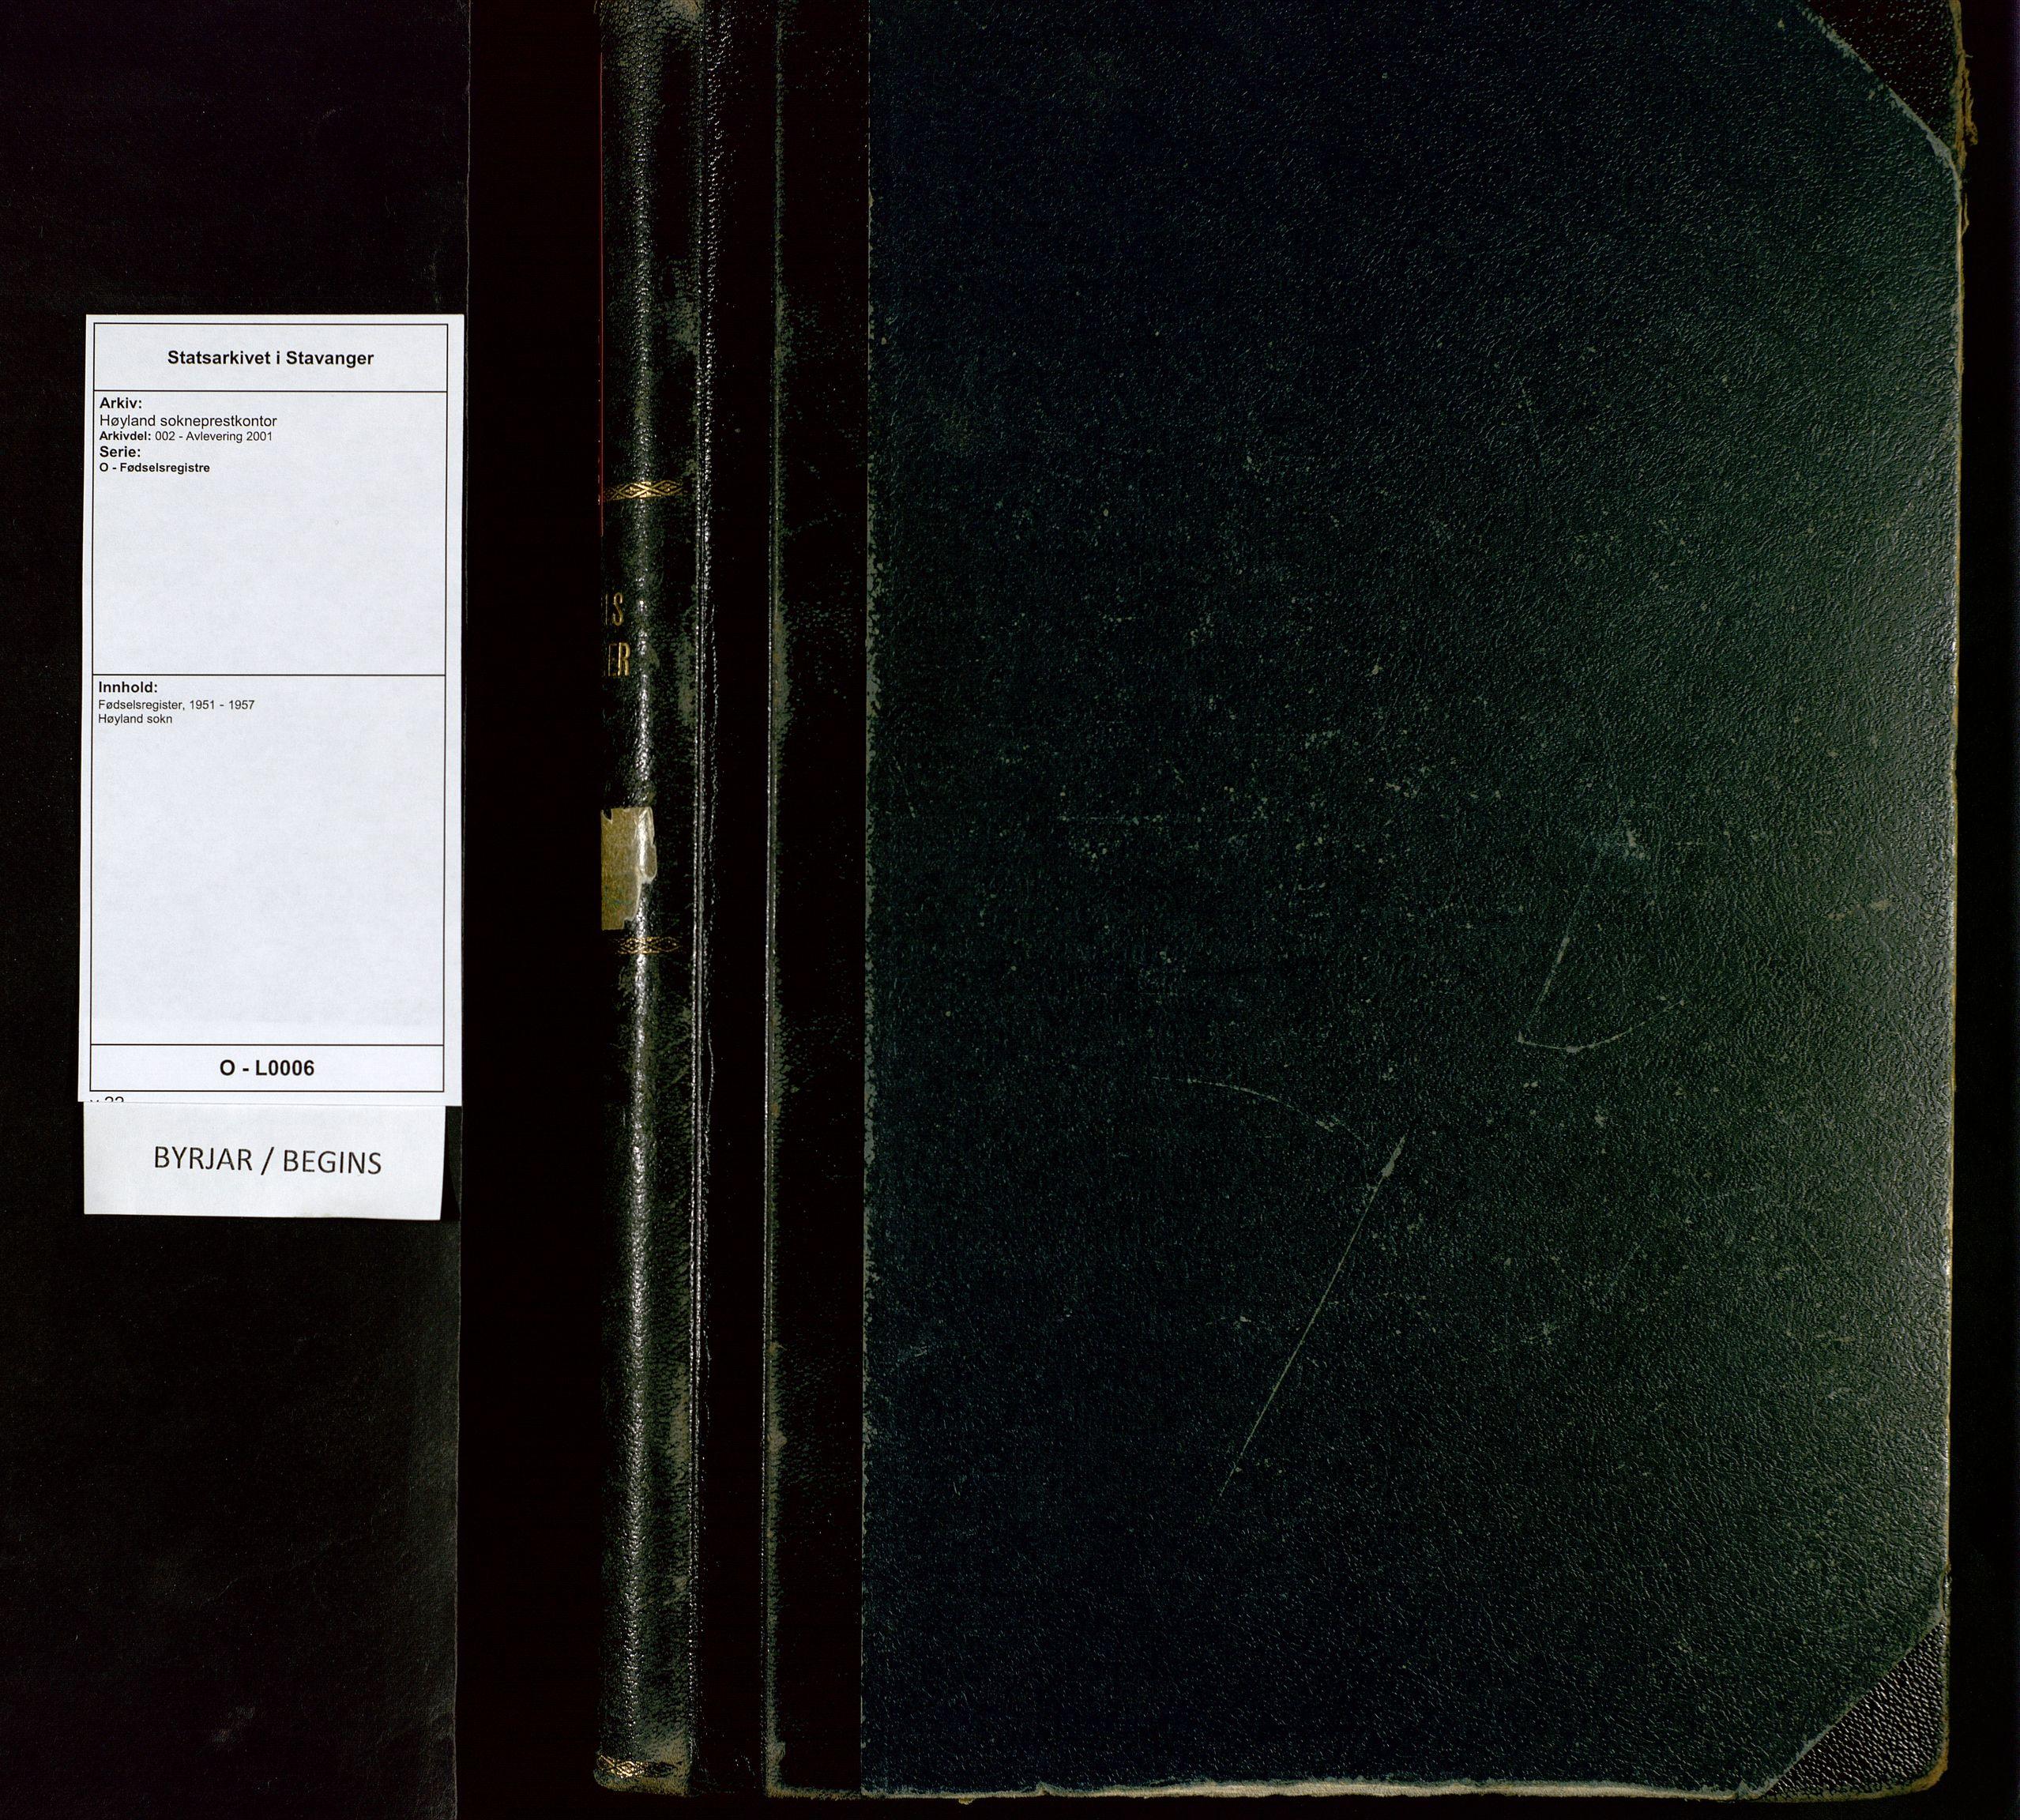 SAST, Høyland sokneprestkontor, O/L0006: Fødselsregister nr. 6, 1951-1957